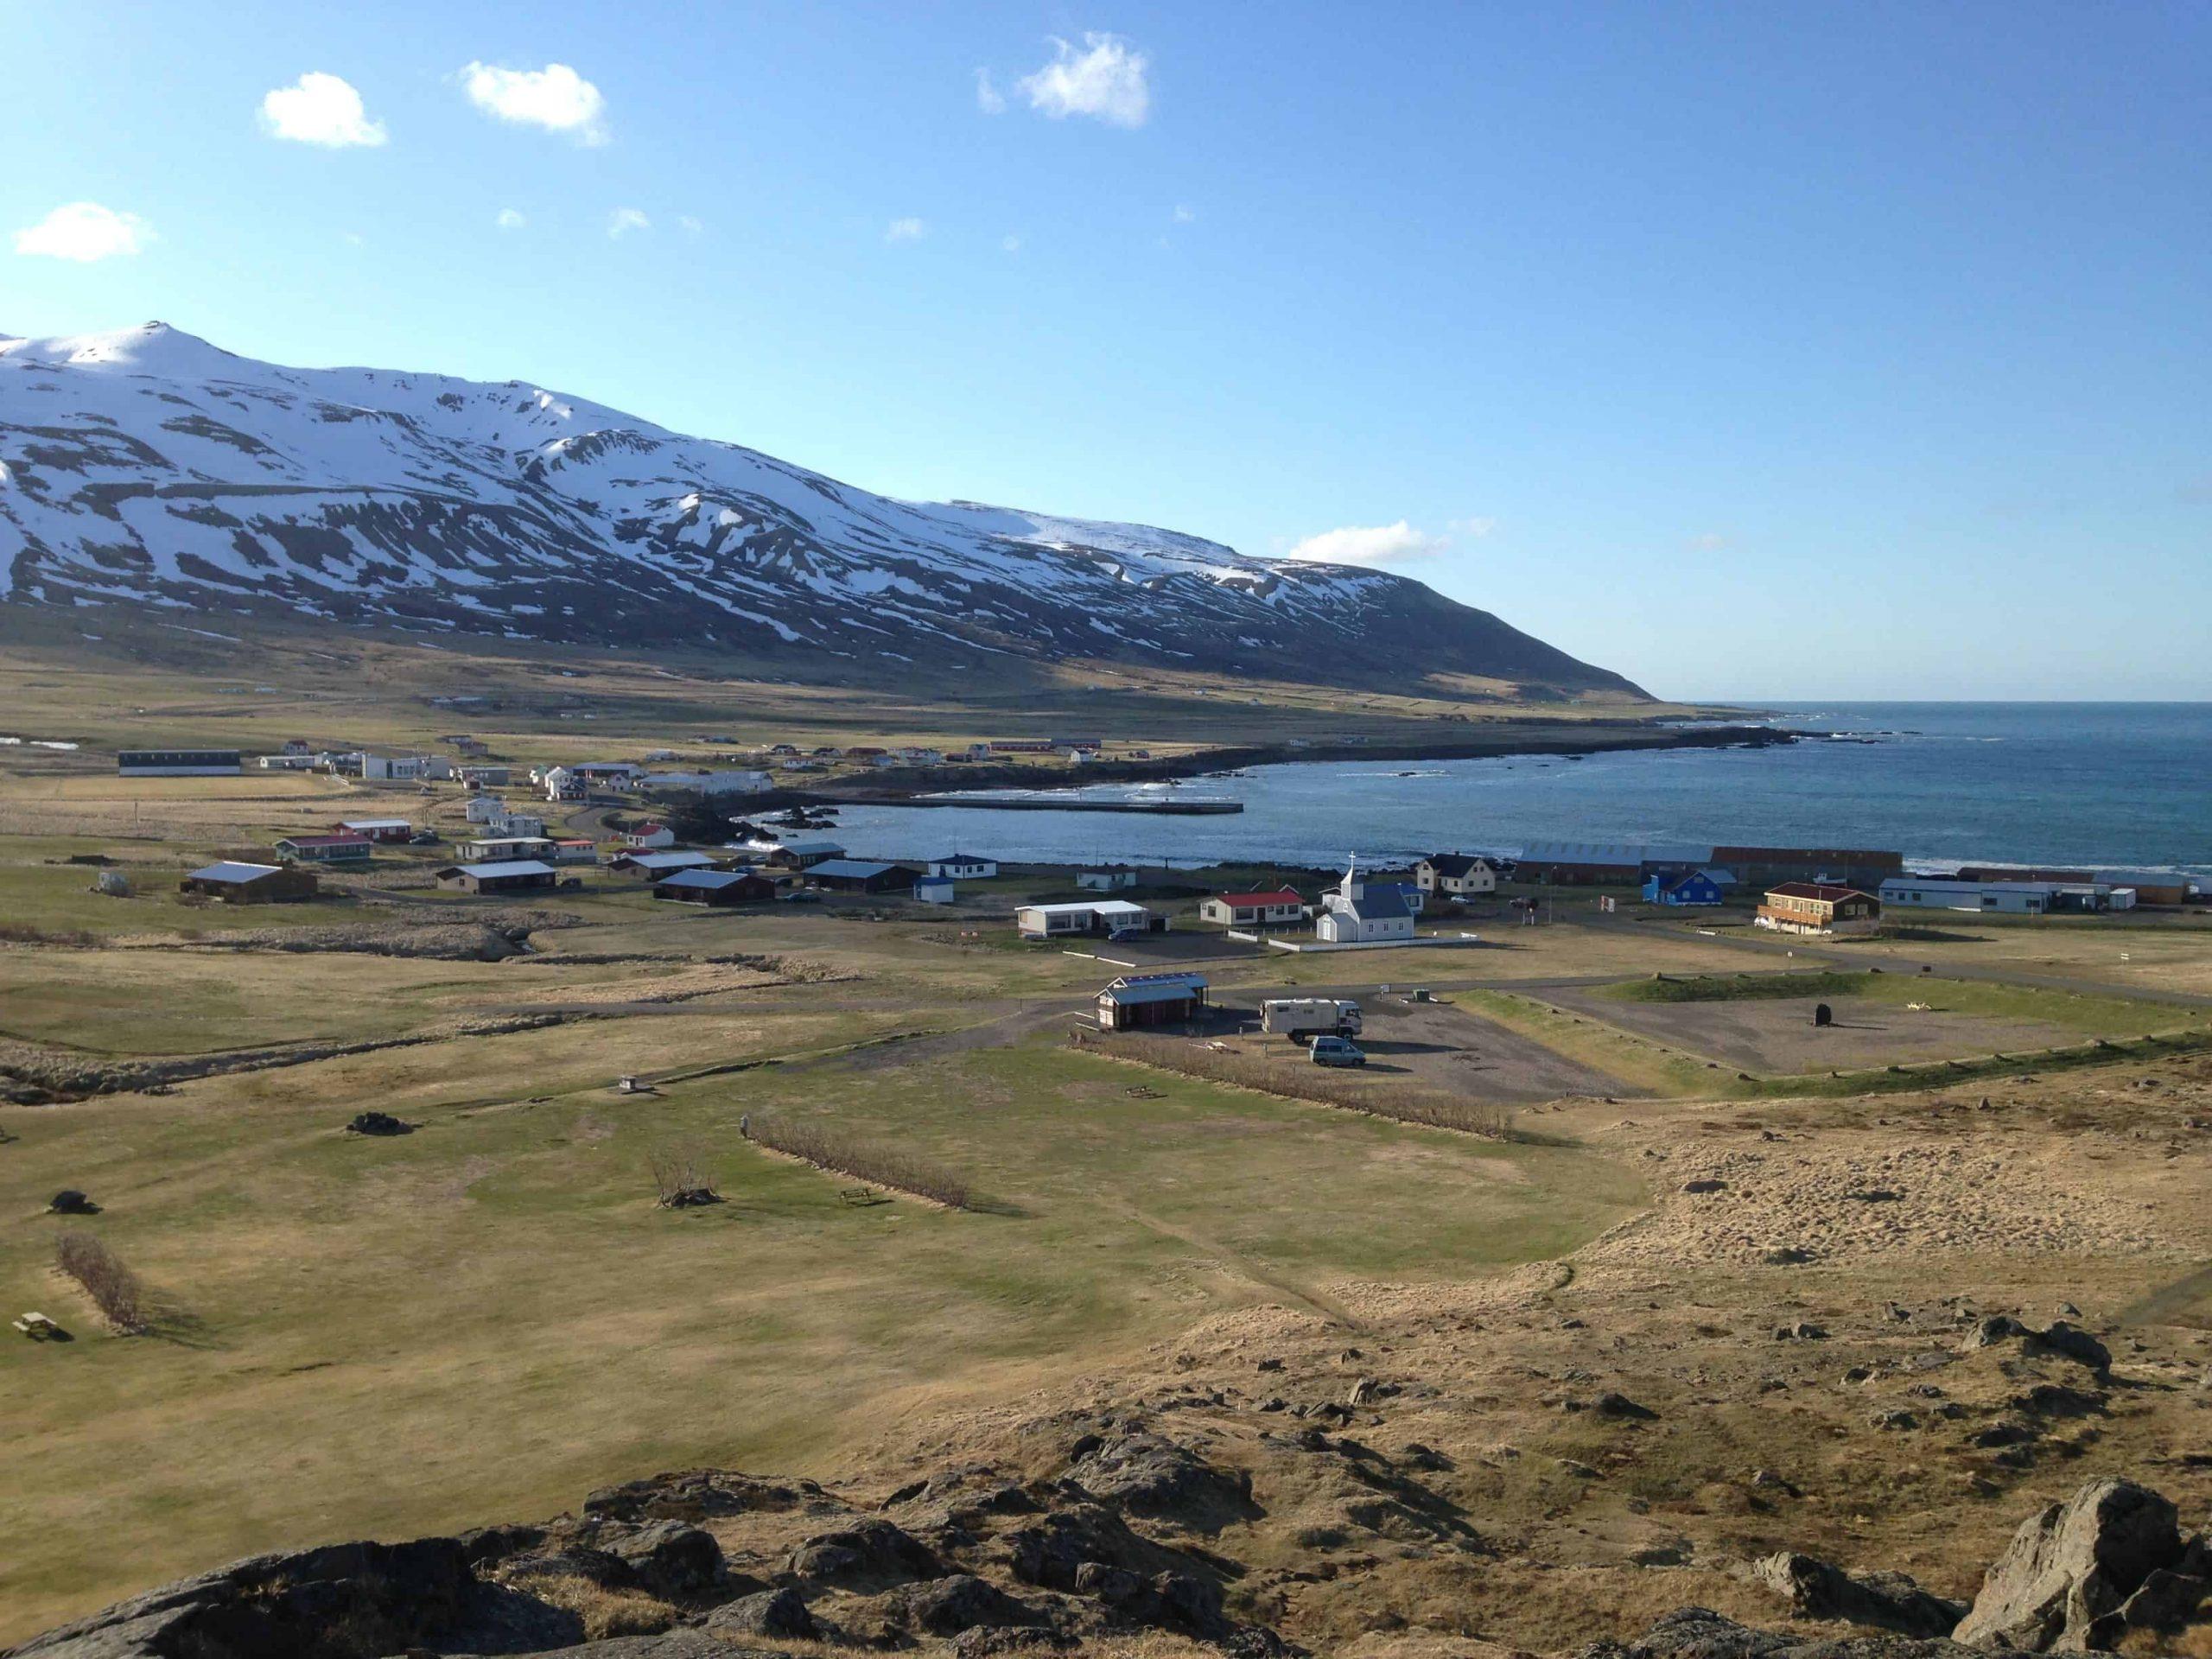 Un petit village de la côte est en bordure de mer.